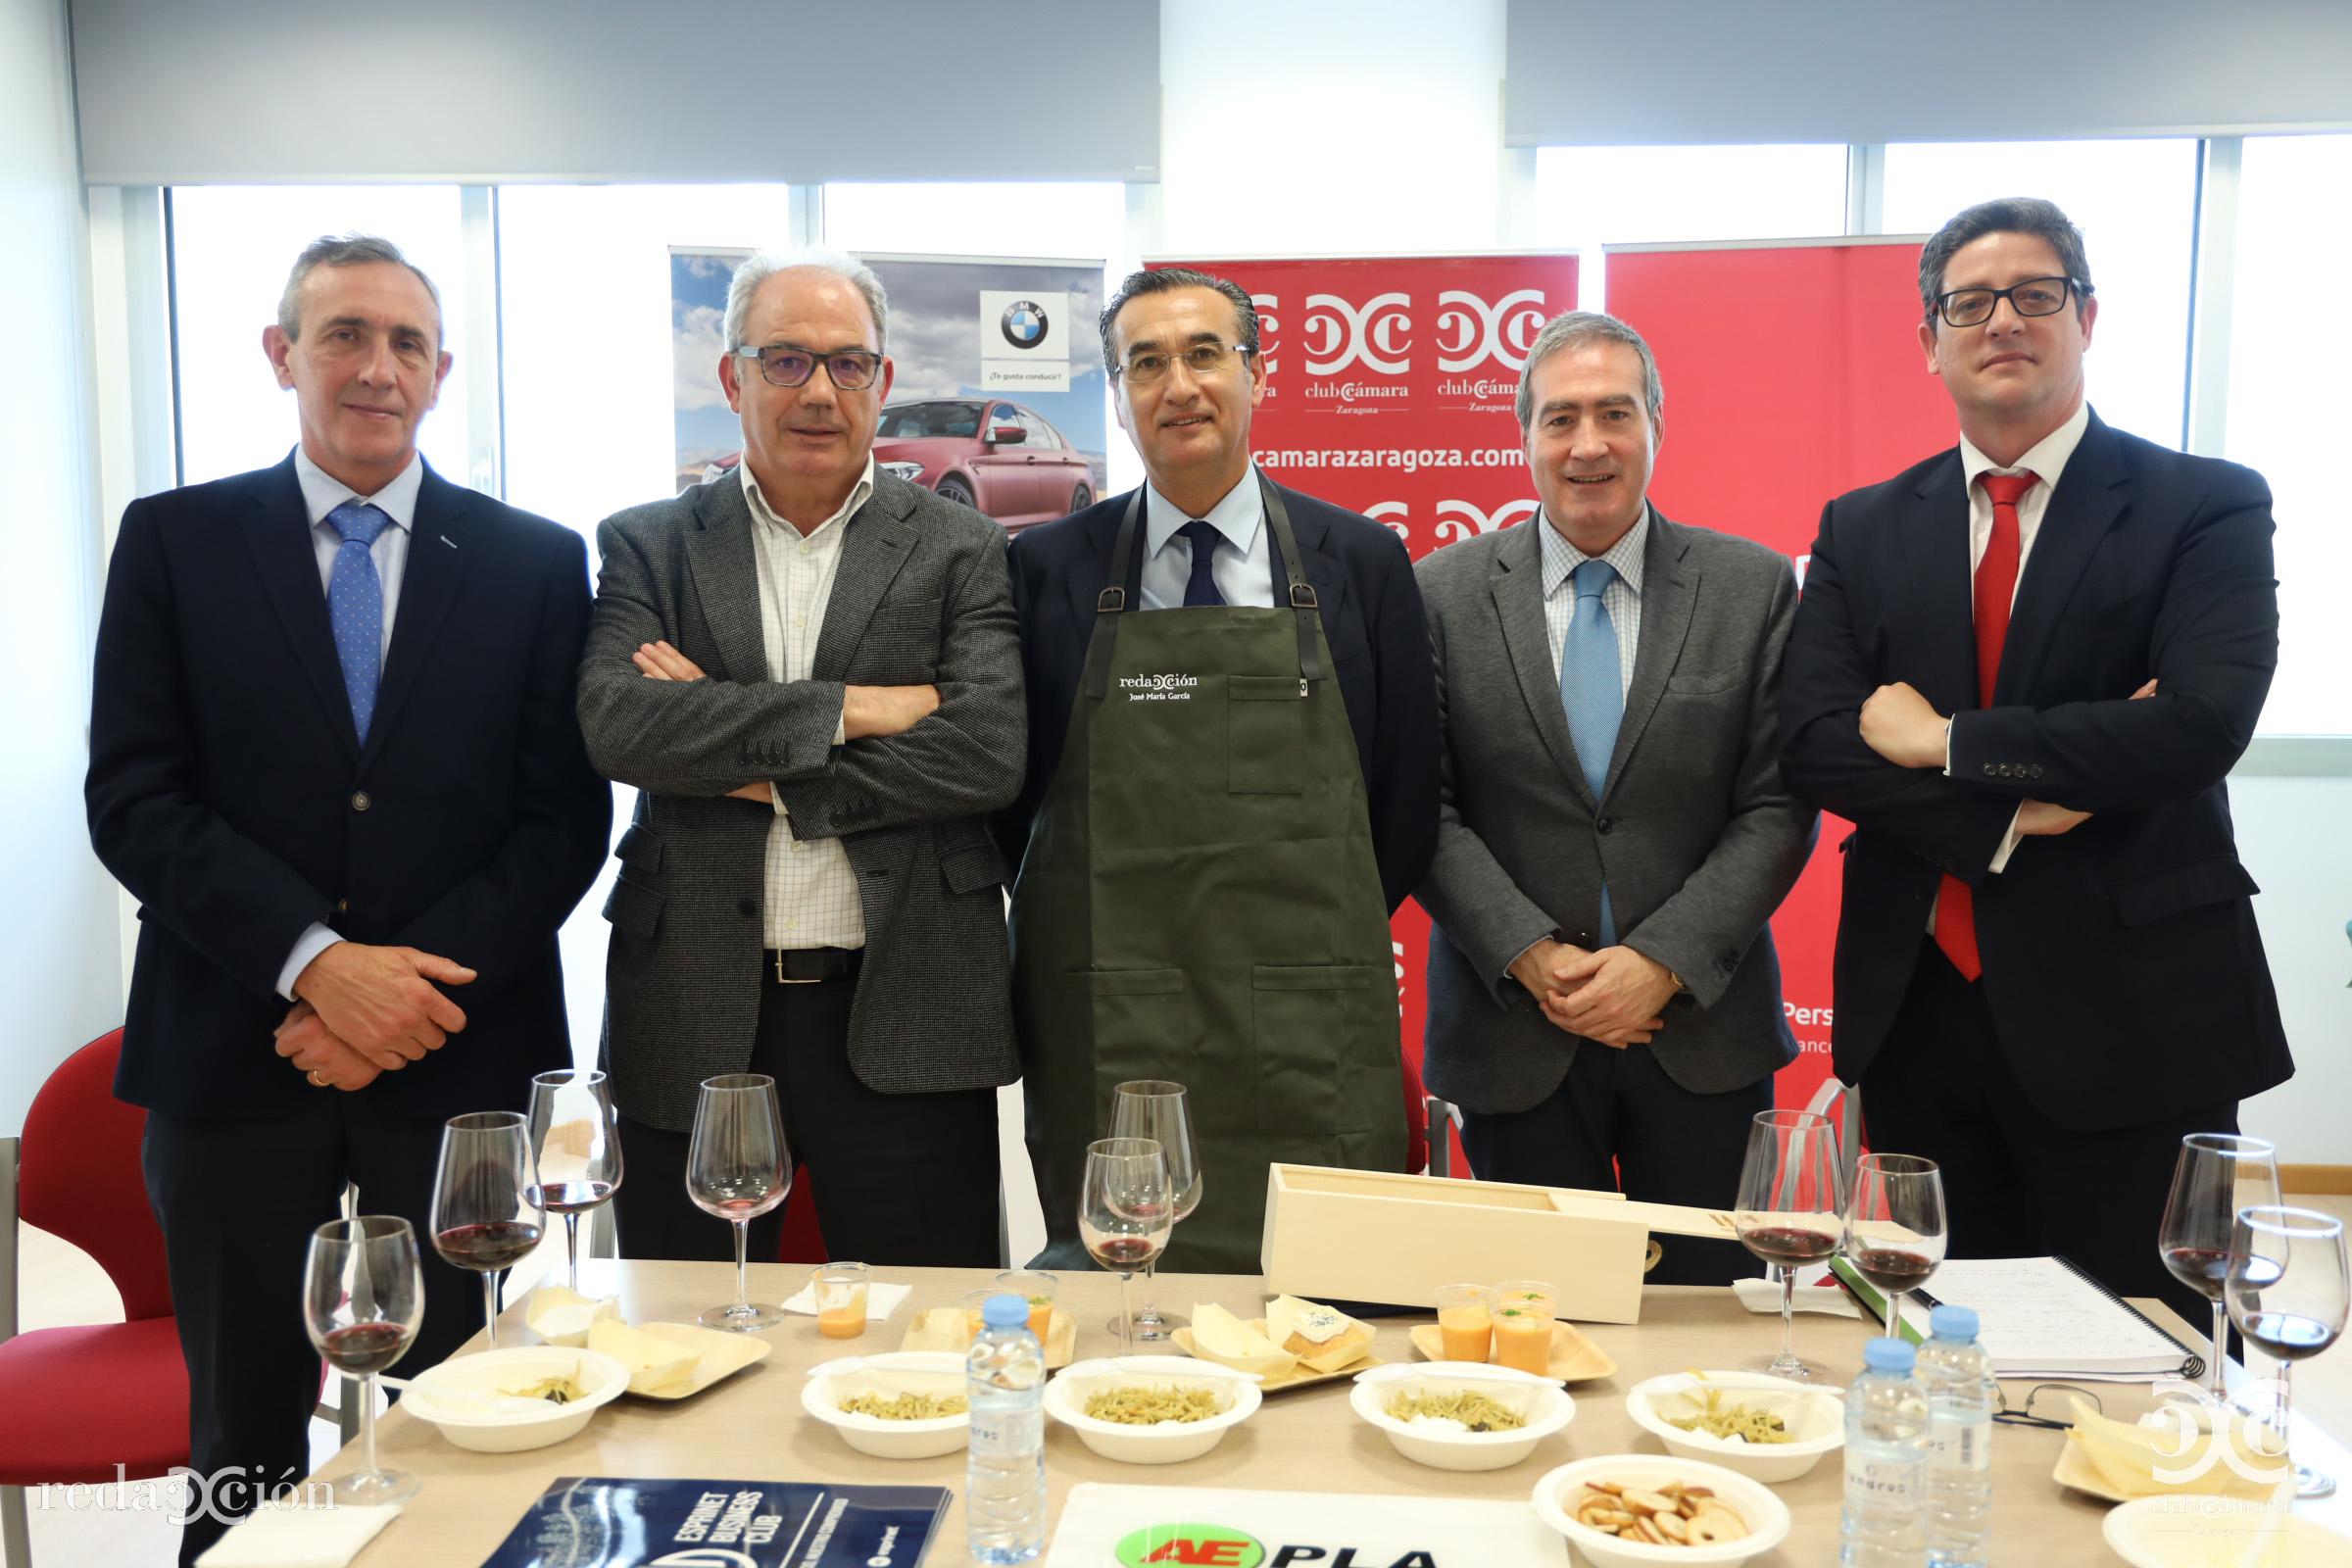 José Benedicto, Goya Automoción, Miguel Marzo, Pikolín, José María García, Esprinet, Francisco Javier Sebastián Machetti, Grupo Lacor, Aepla